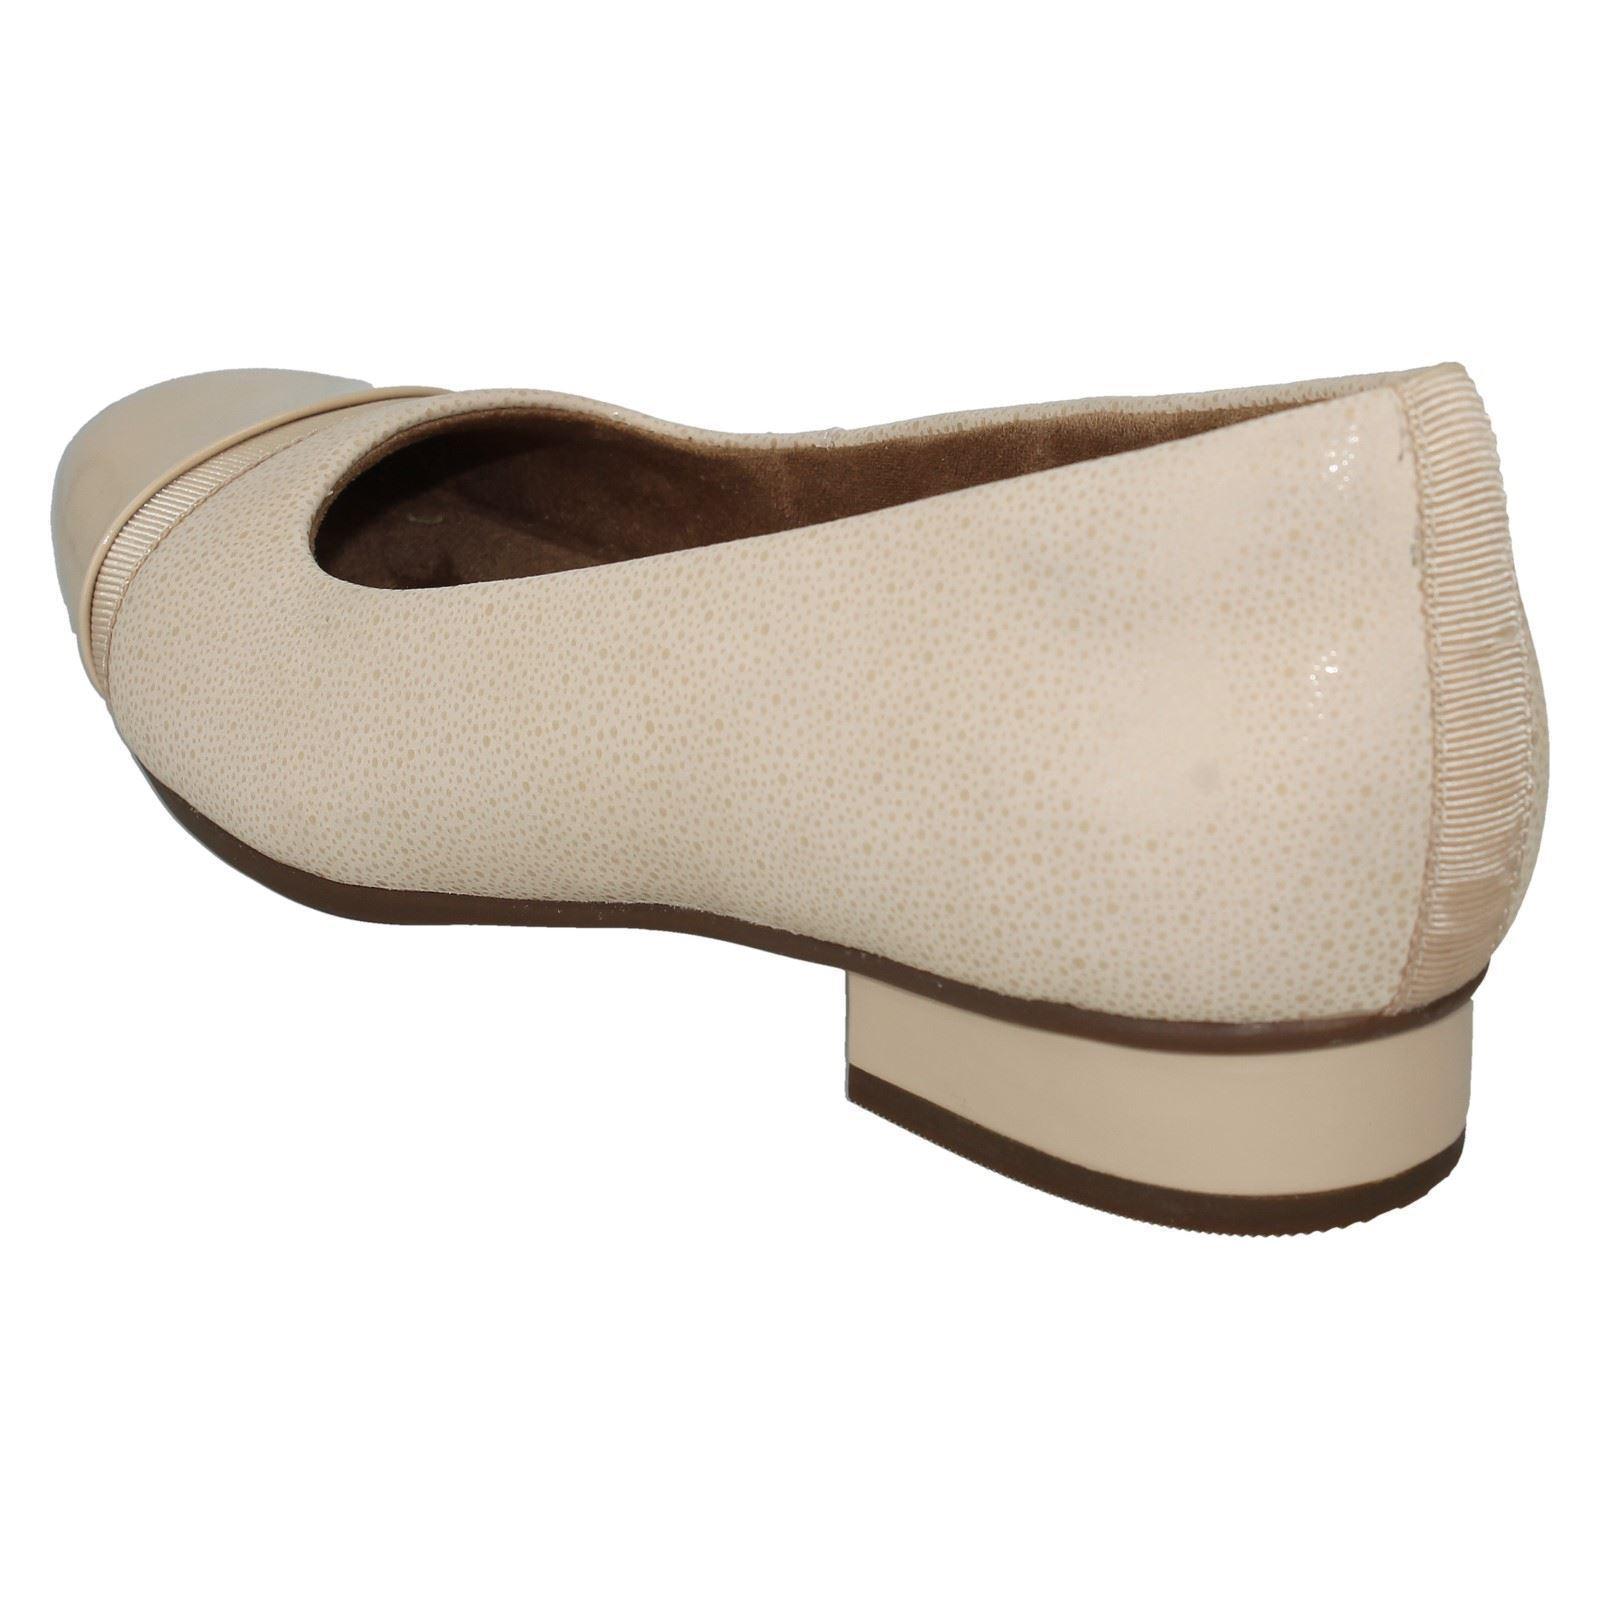 Keesha rose Femmes Femmes Femmes Clarks Slipon Non Structurées Cuir Plates Ballerine Escarpins Chaussures 6ce54c